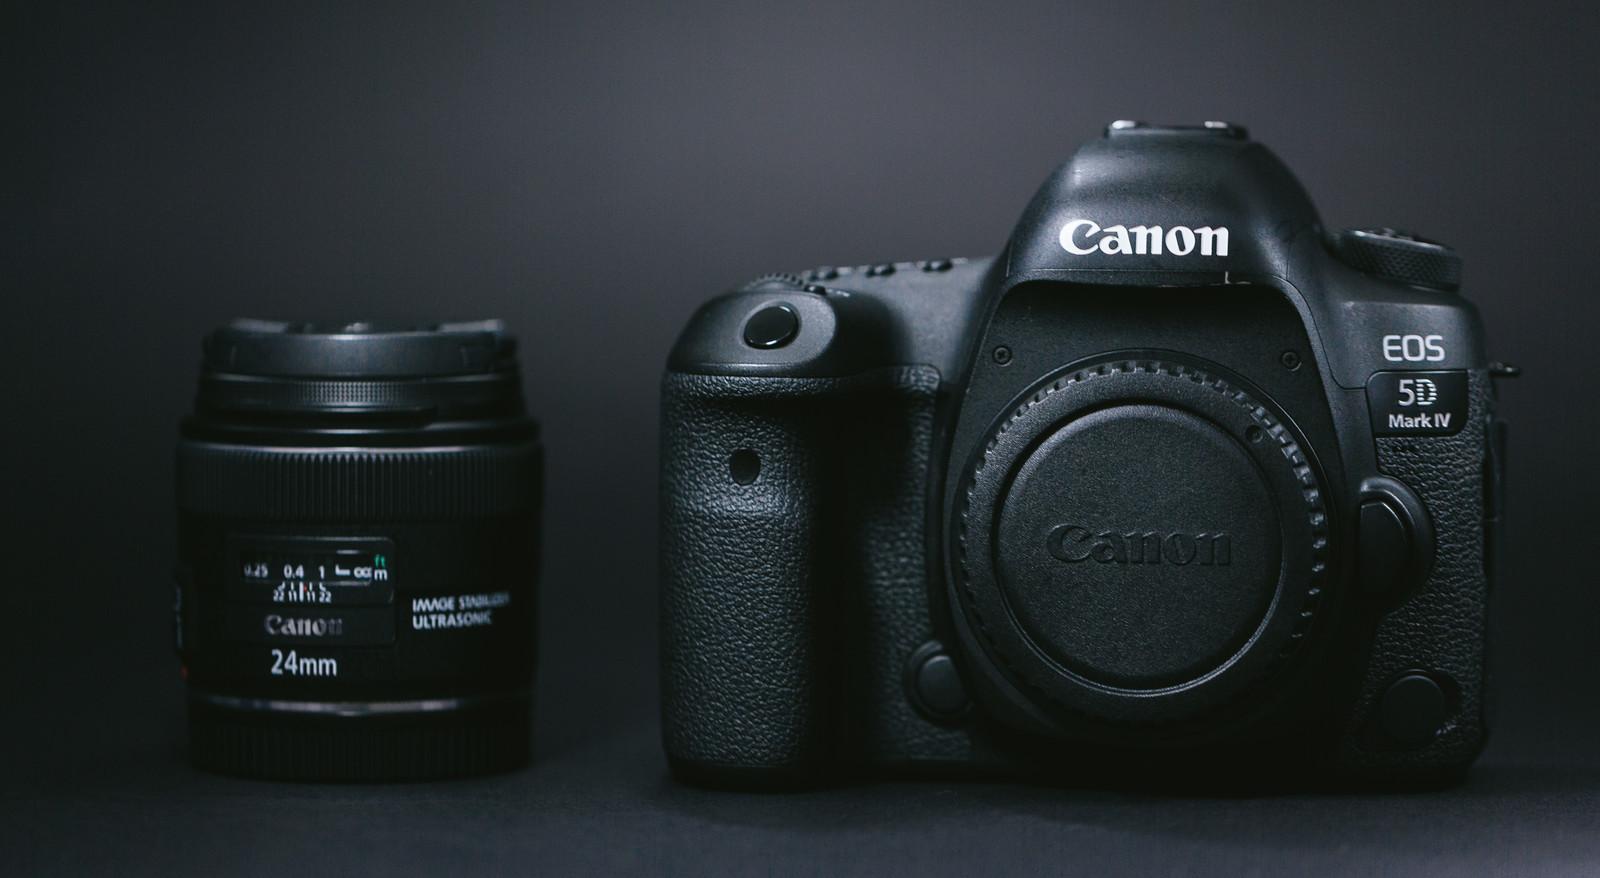 スマホカメラが一眼レフカメラより優れていることを考えてみた。